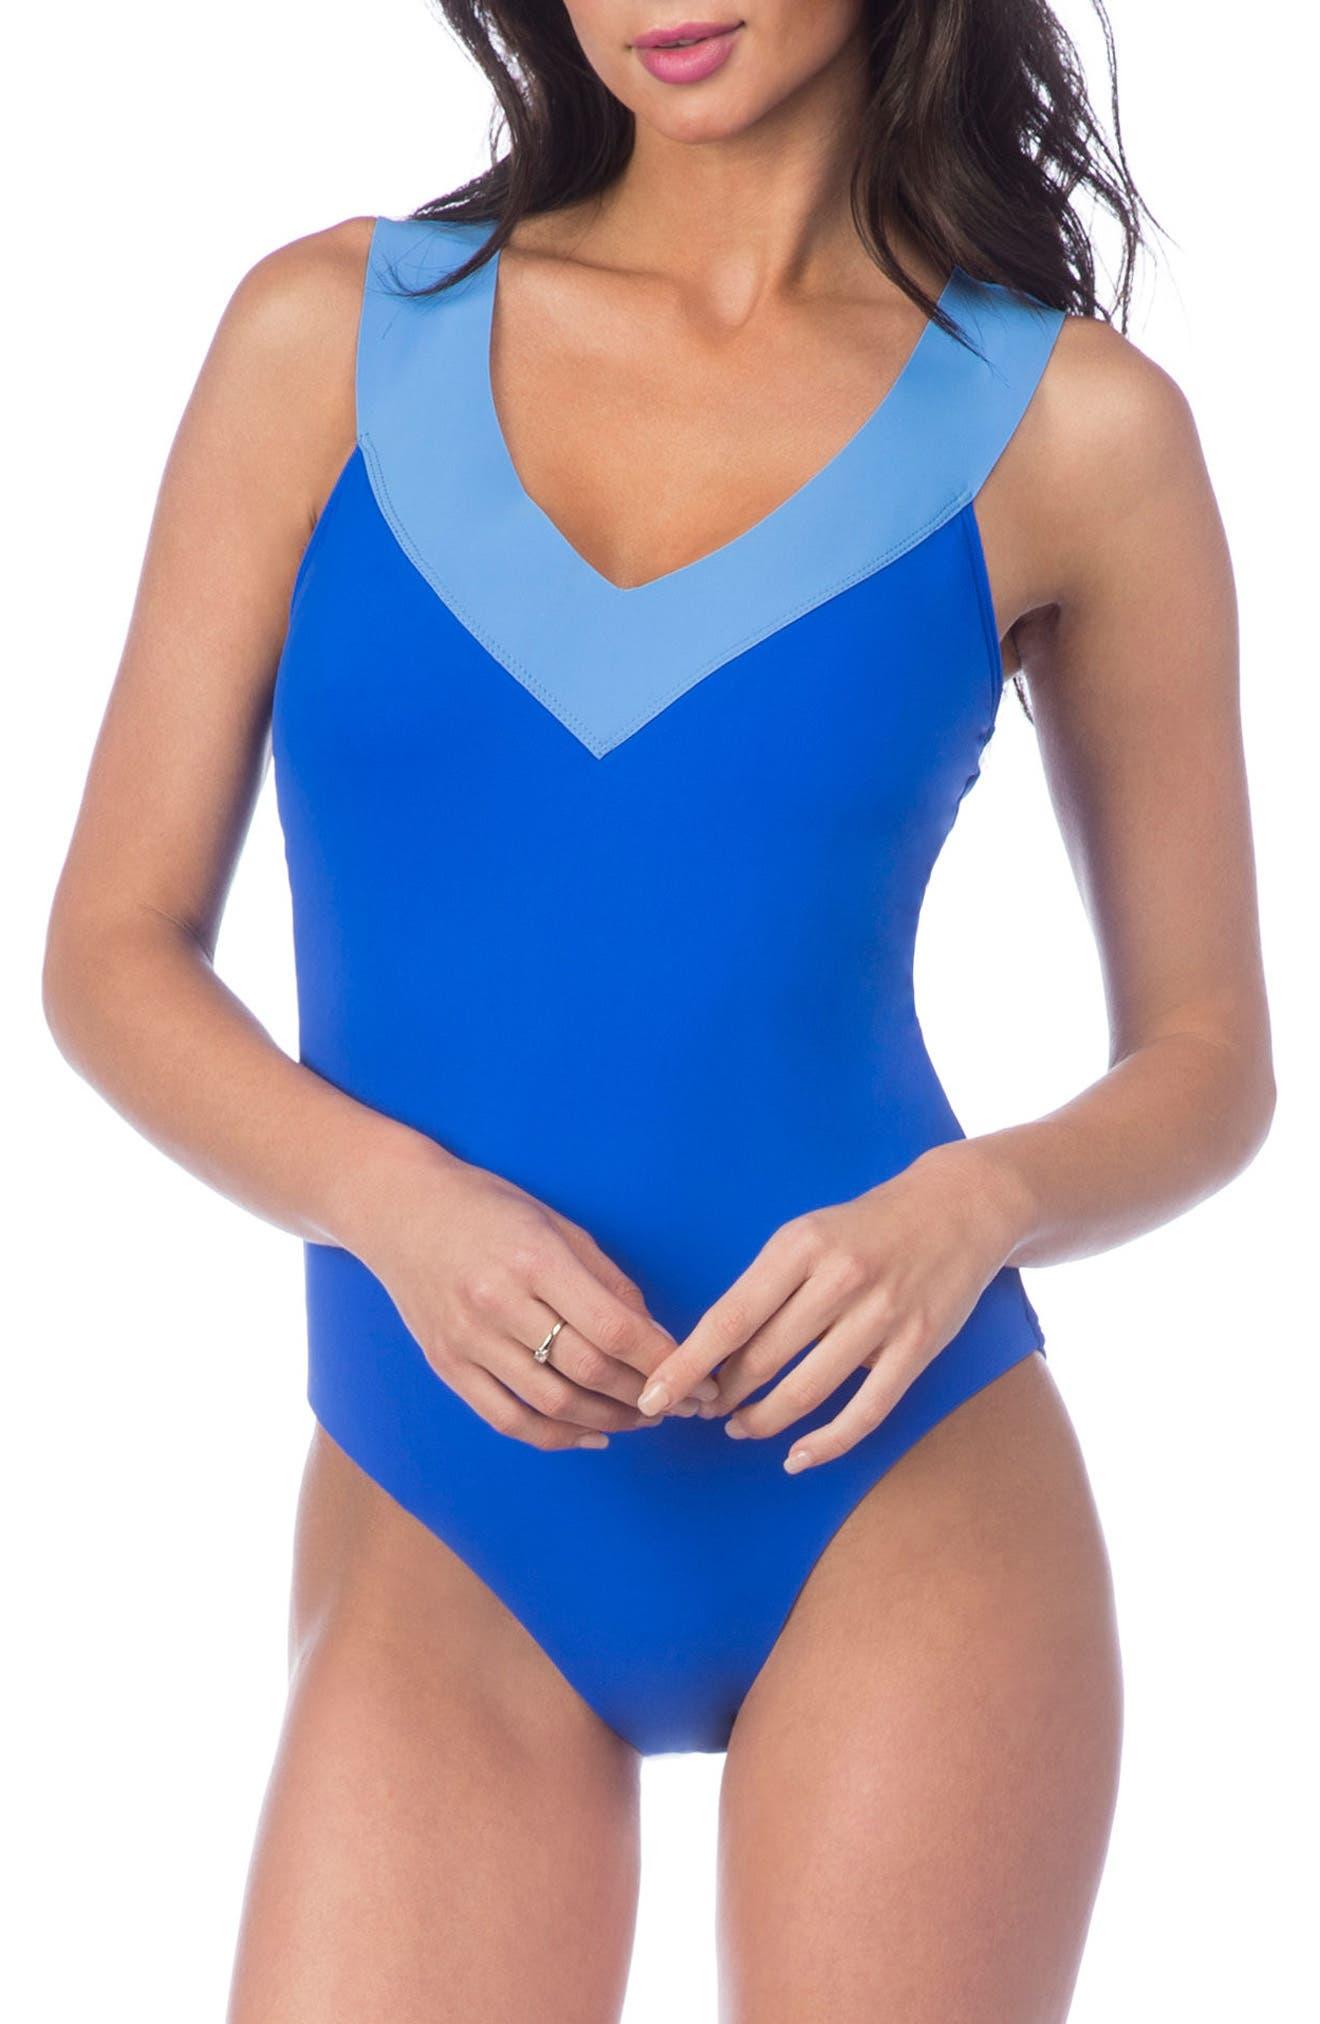 Bondage Cross Back Mio Convertible One-Piece Swimsuit,                             Main thumbnail 1, color,                             Apollo Blue/ Blue Suede